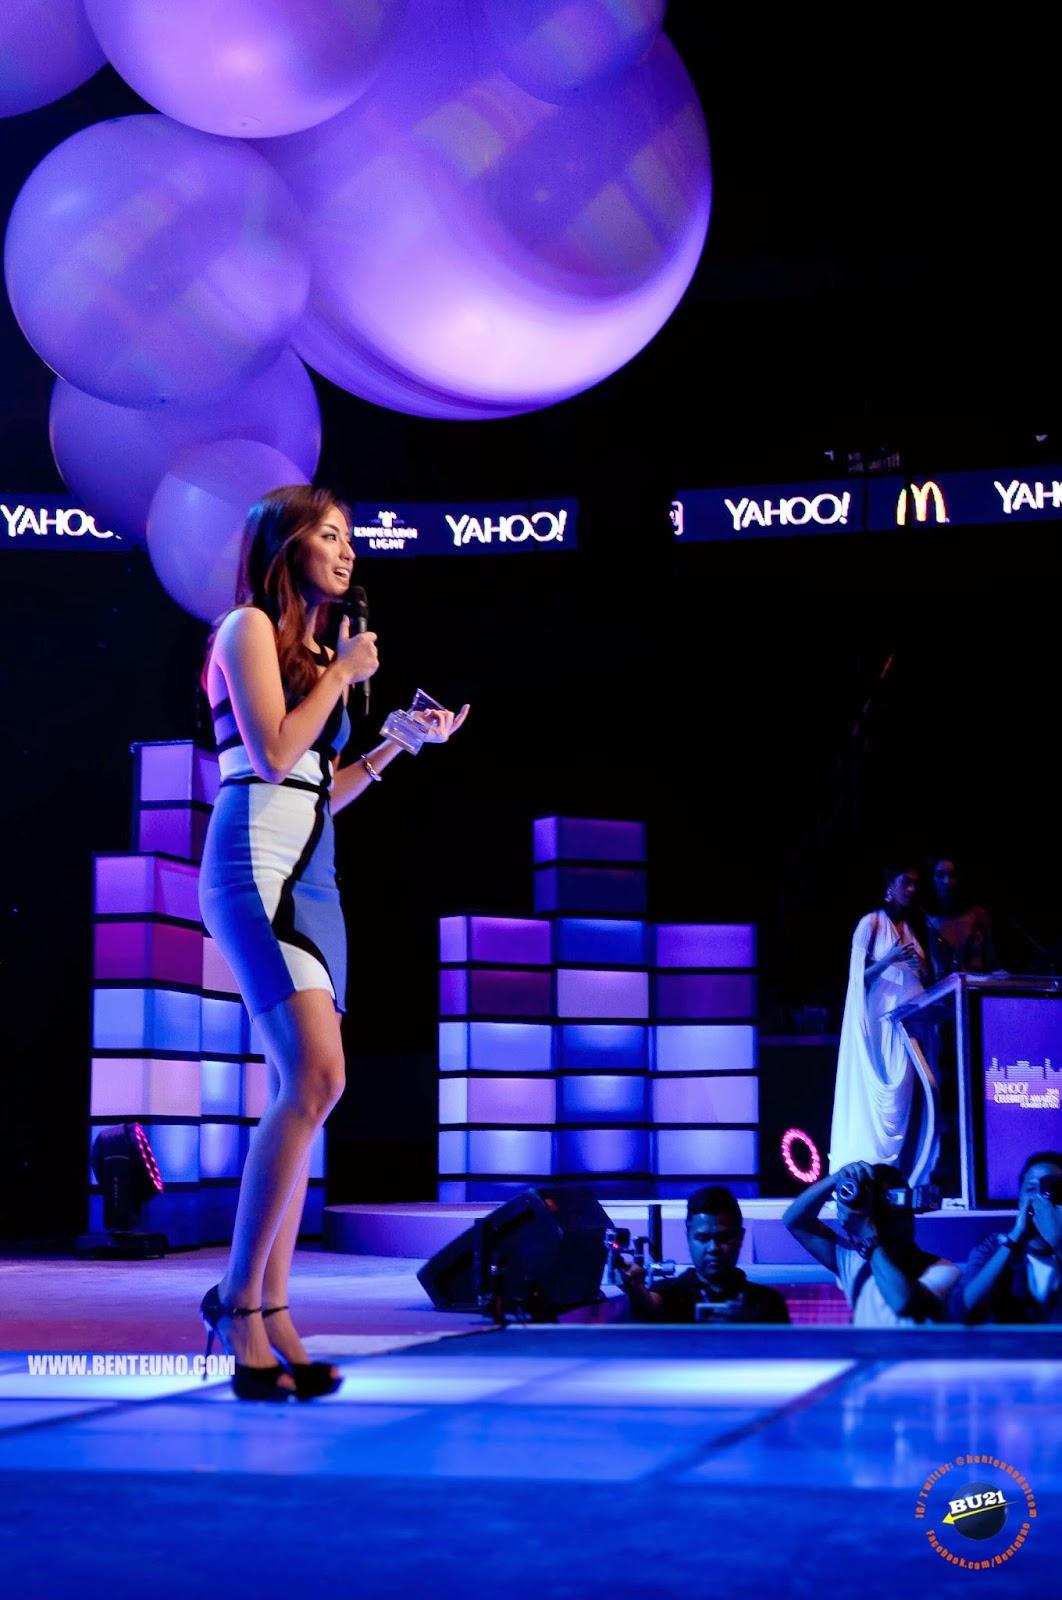 Gretchen Ho, Female Hothlete of the Year at Yahoo Celebrity Awards 2014